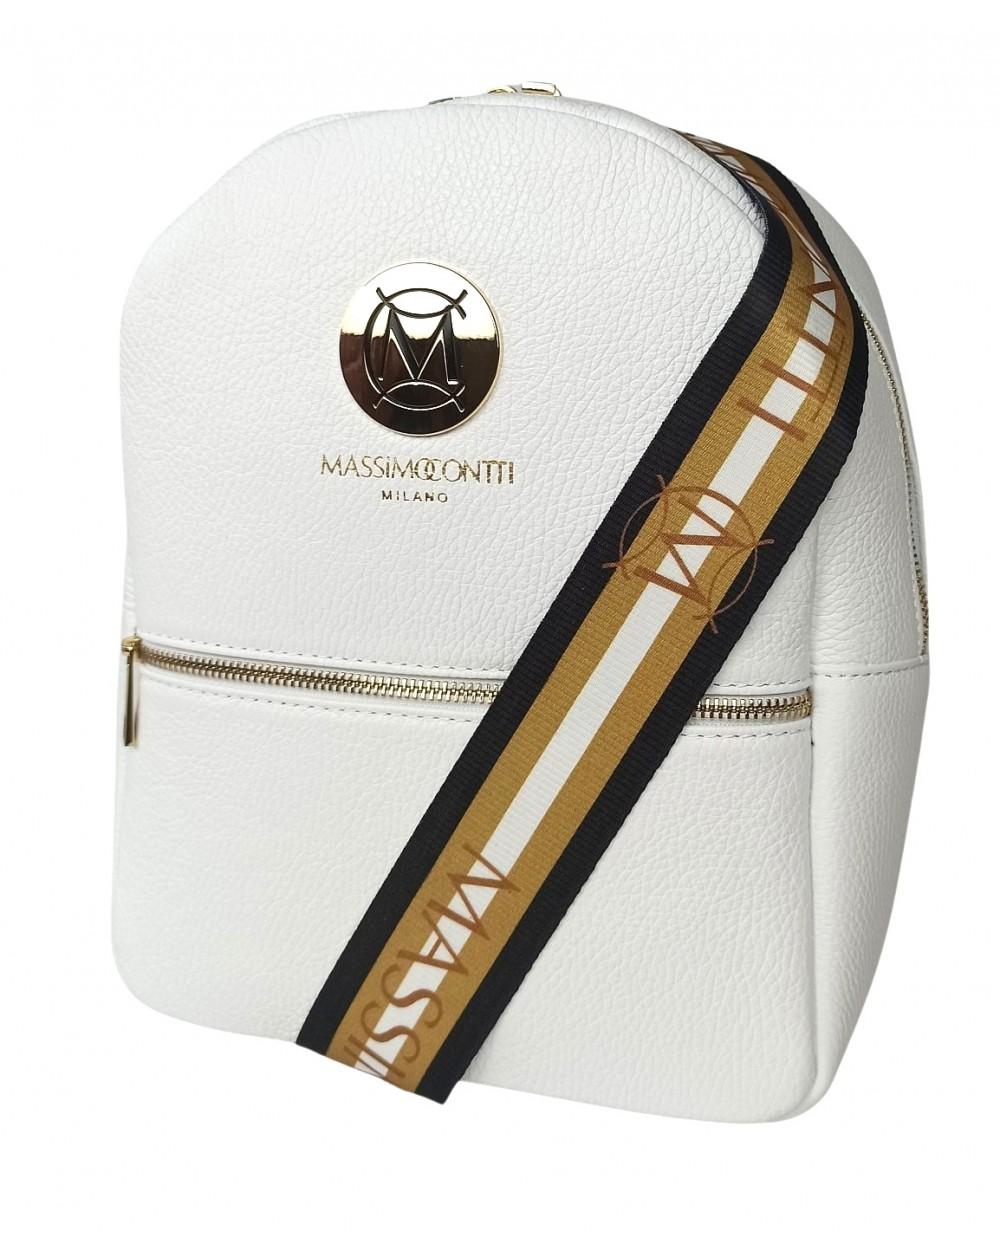 Plecak damski Massimo Contti ze skóry naturalnej biały kolorowe szelki